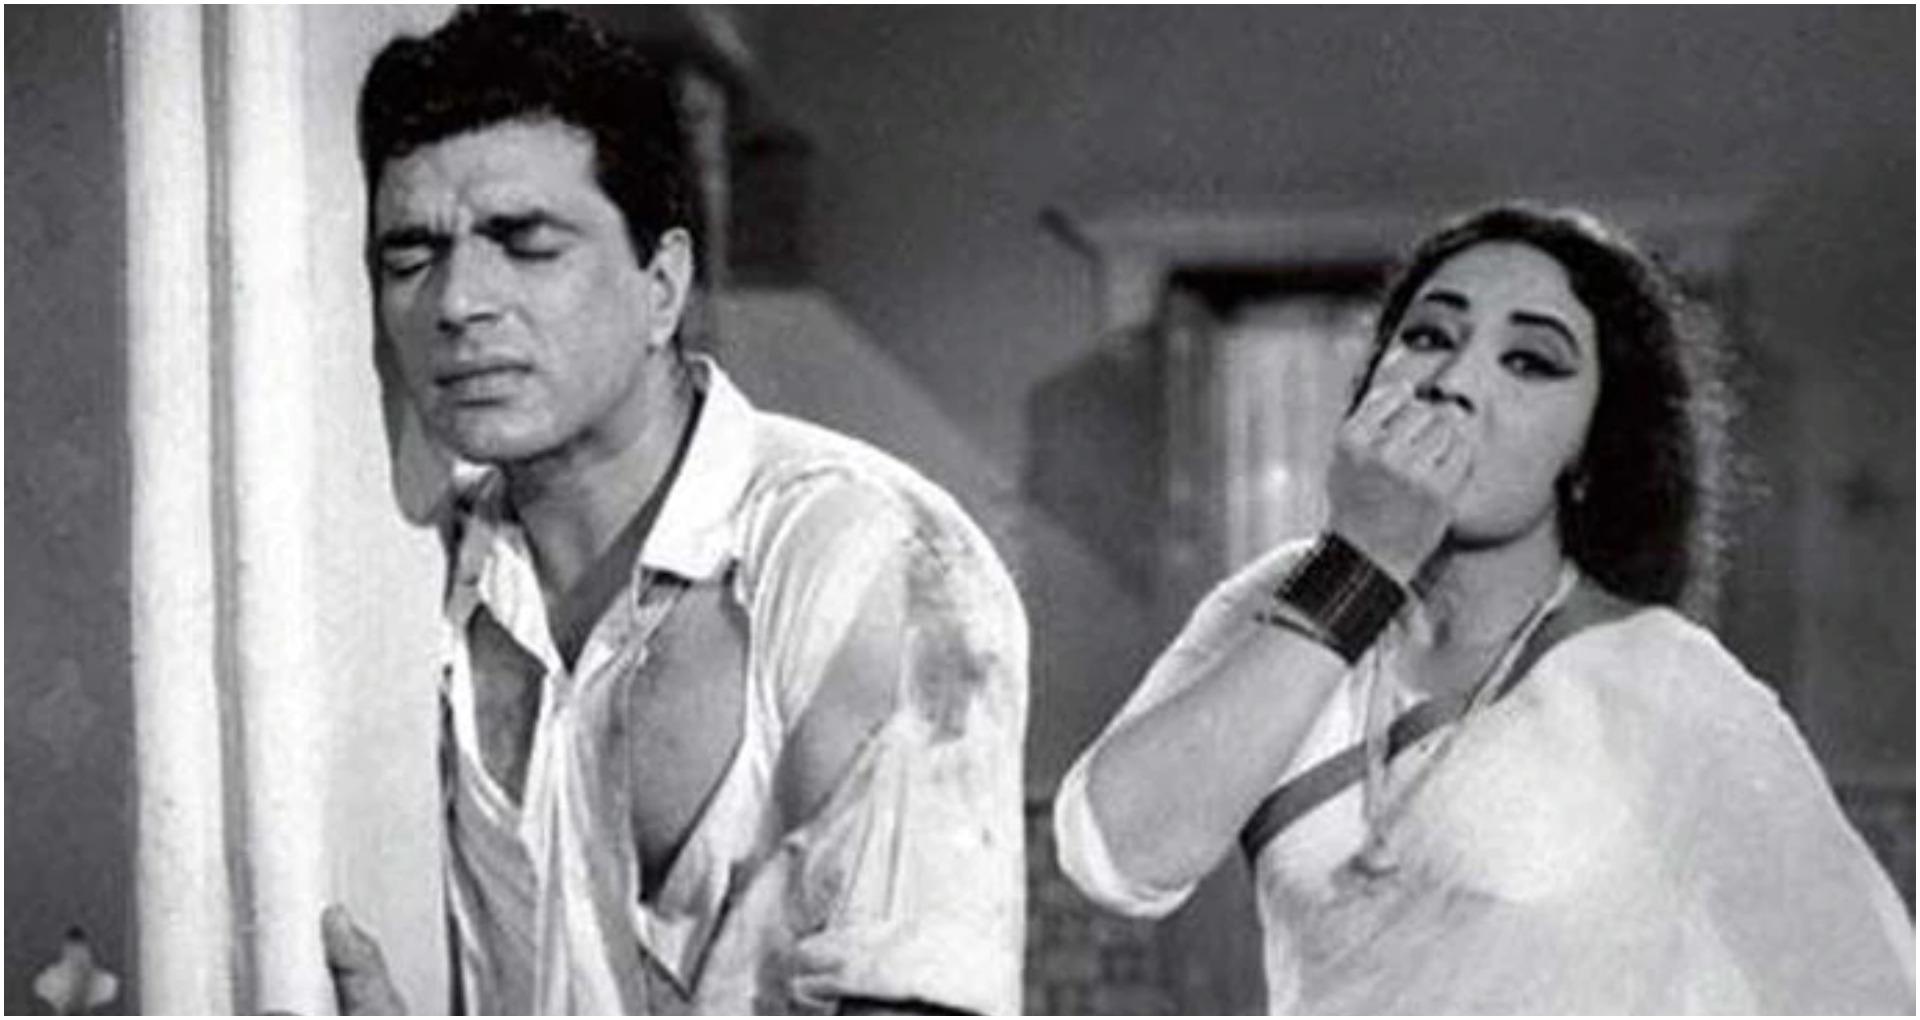 BIRTHDAY SPECIAL: गलती से धर्मेंद्र से करवा ली गई अडल्ट फिल्म, जिस पर सनी देओल को आ गया गुस्सा